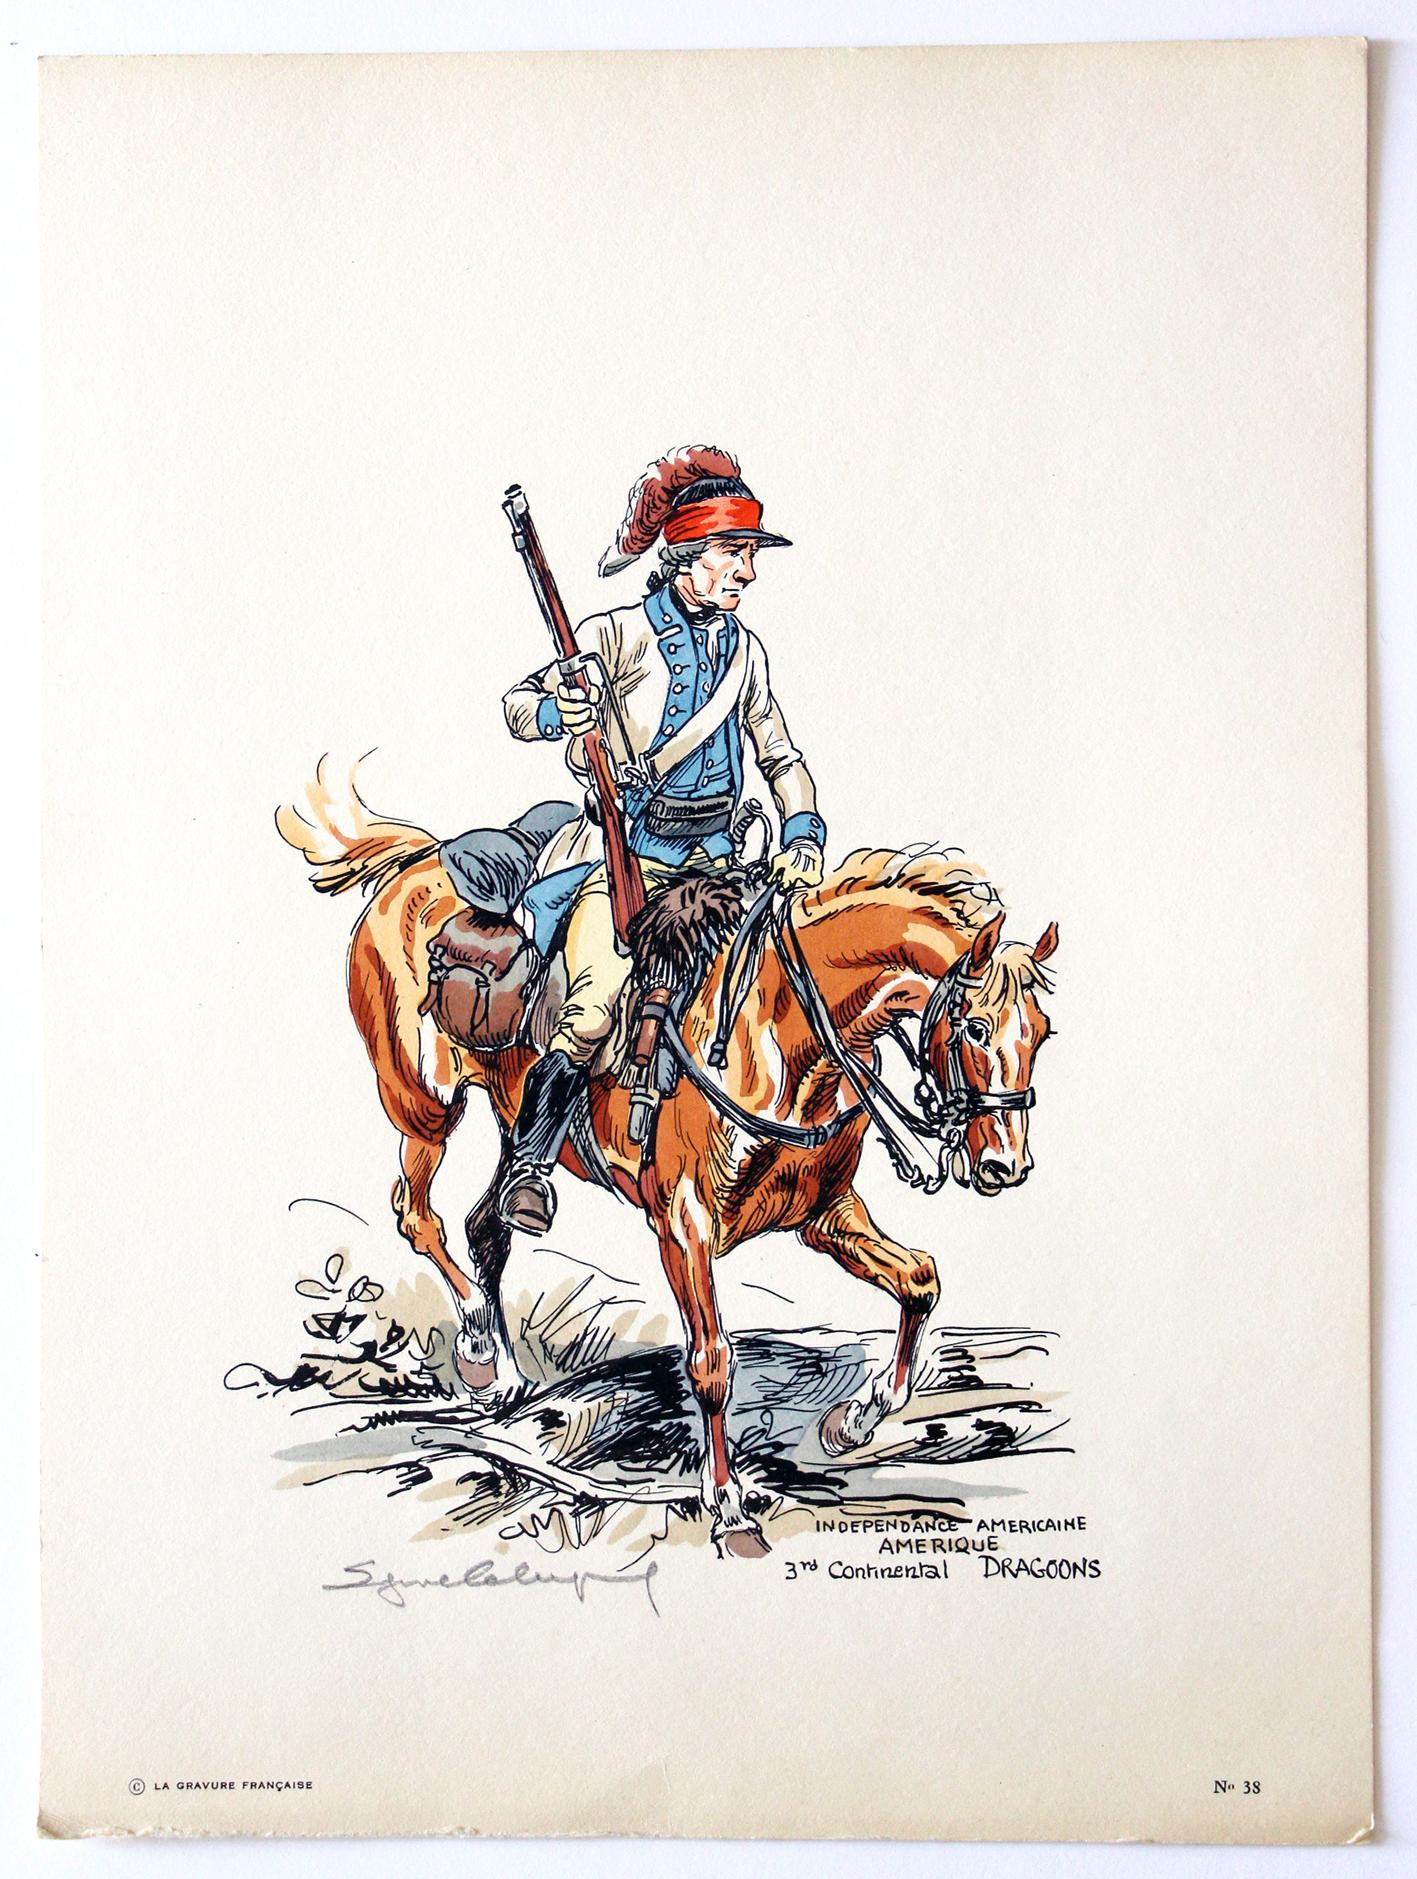 Eugène Leliepvre - Guerre d'Amérique - Dragoons - La gravure Française